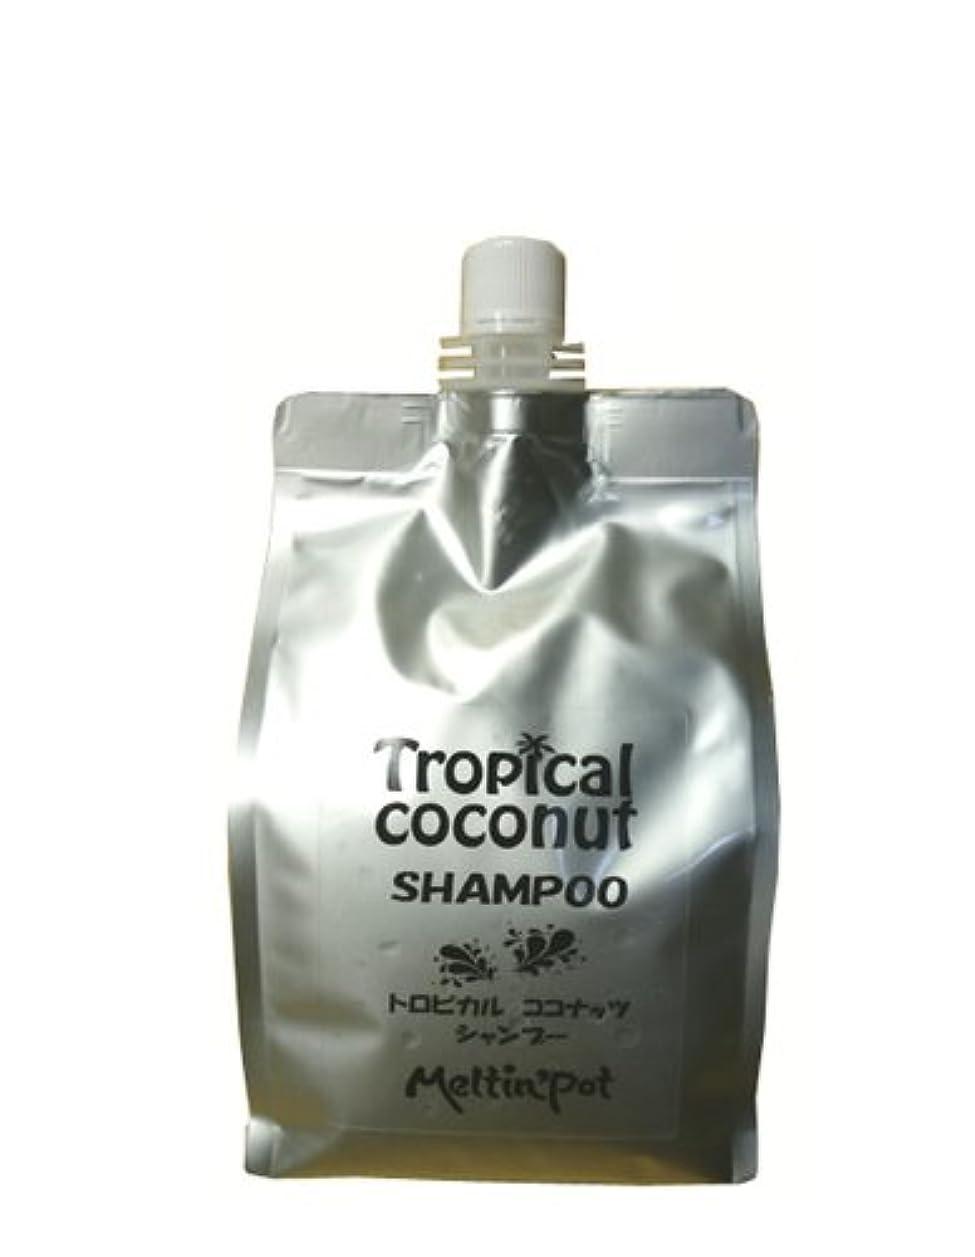 引き出し負担大惨事トロピカルココナッツ シャンプー 詰め替え 1000ml  Tropical coconut shampoo